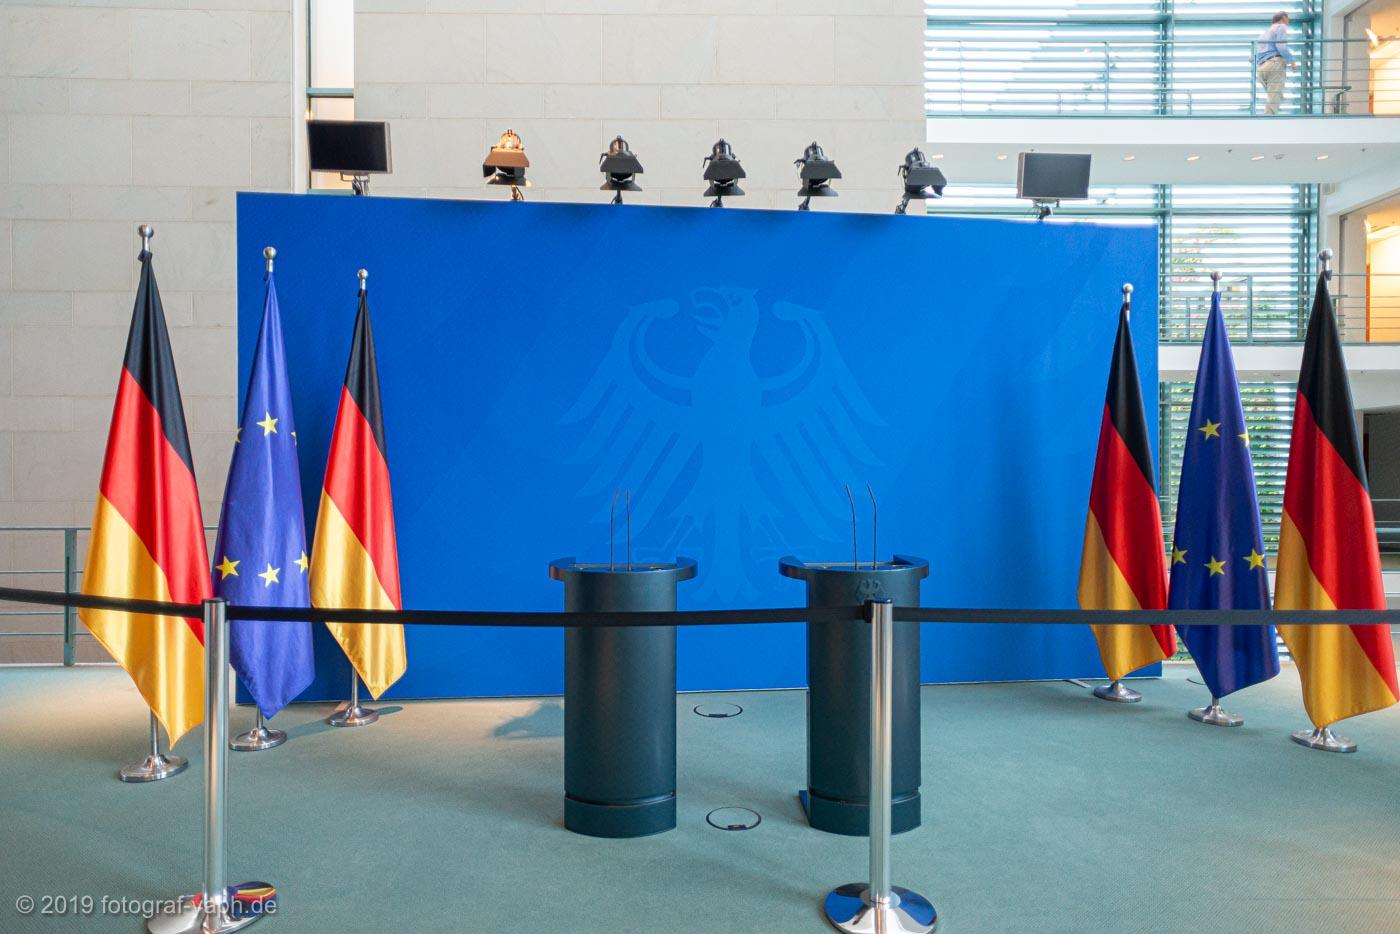 Pressewand im Bundeskanzleramt Berlin initiiert von Gerhard Schröder als Ergänzung zum großen Pressesaal